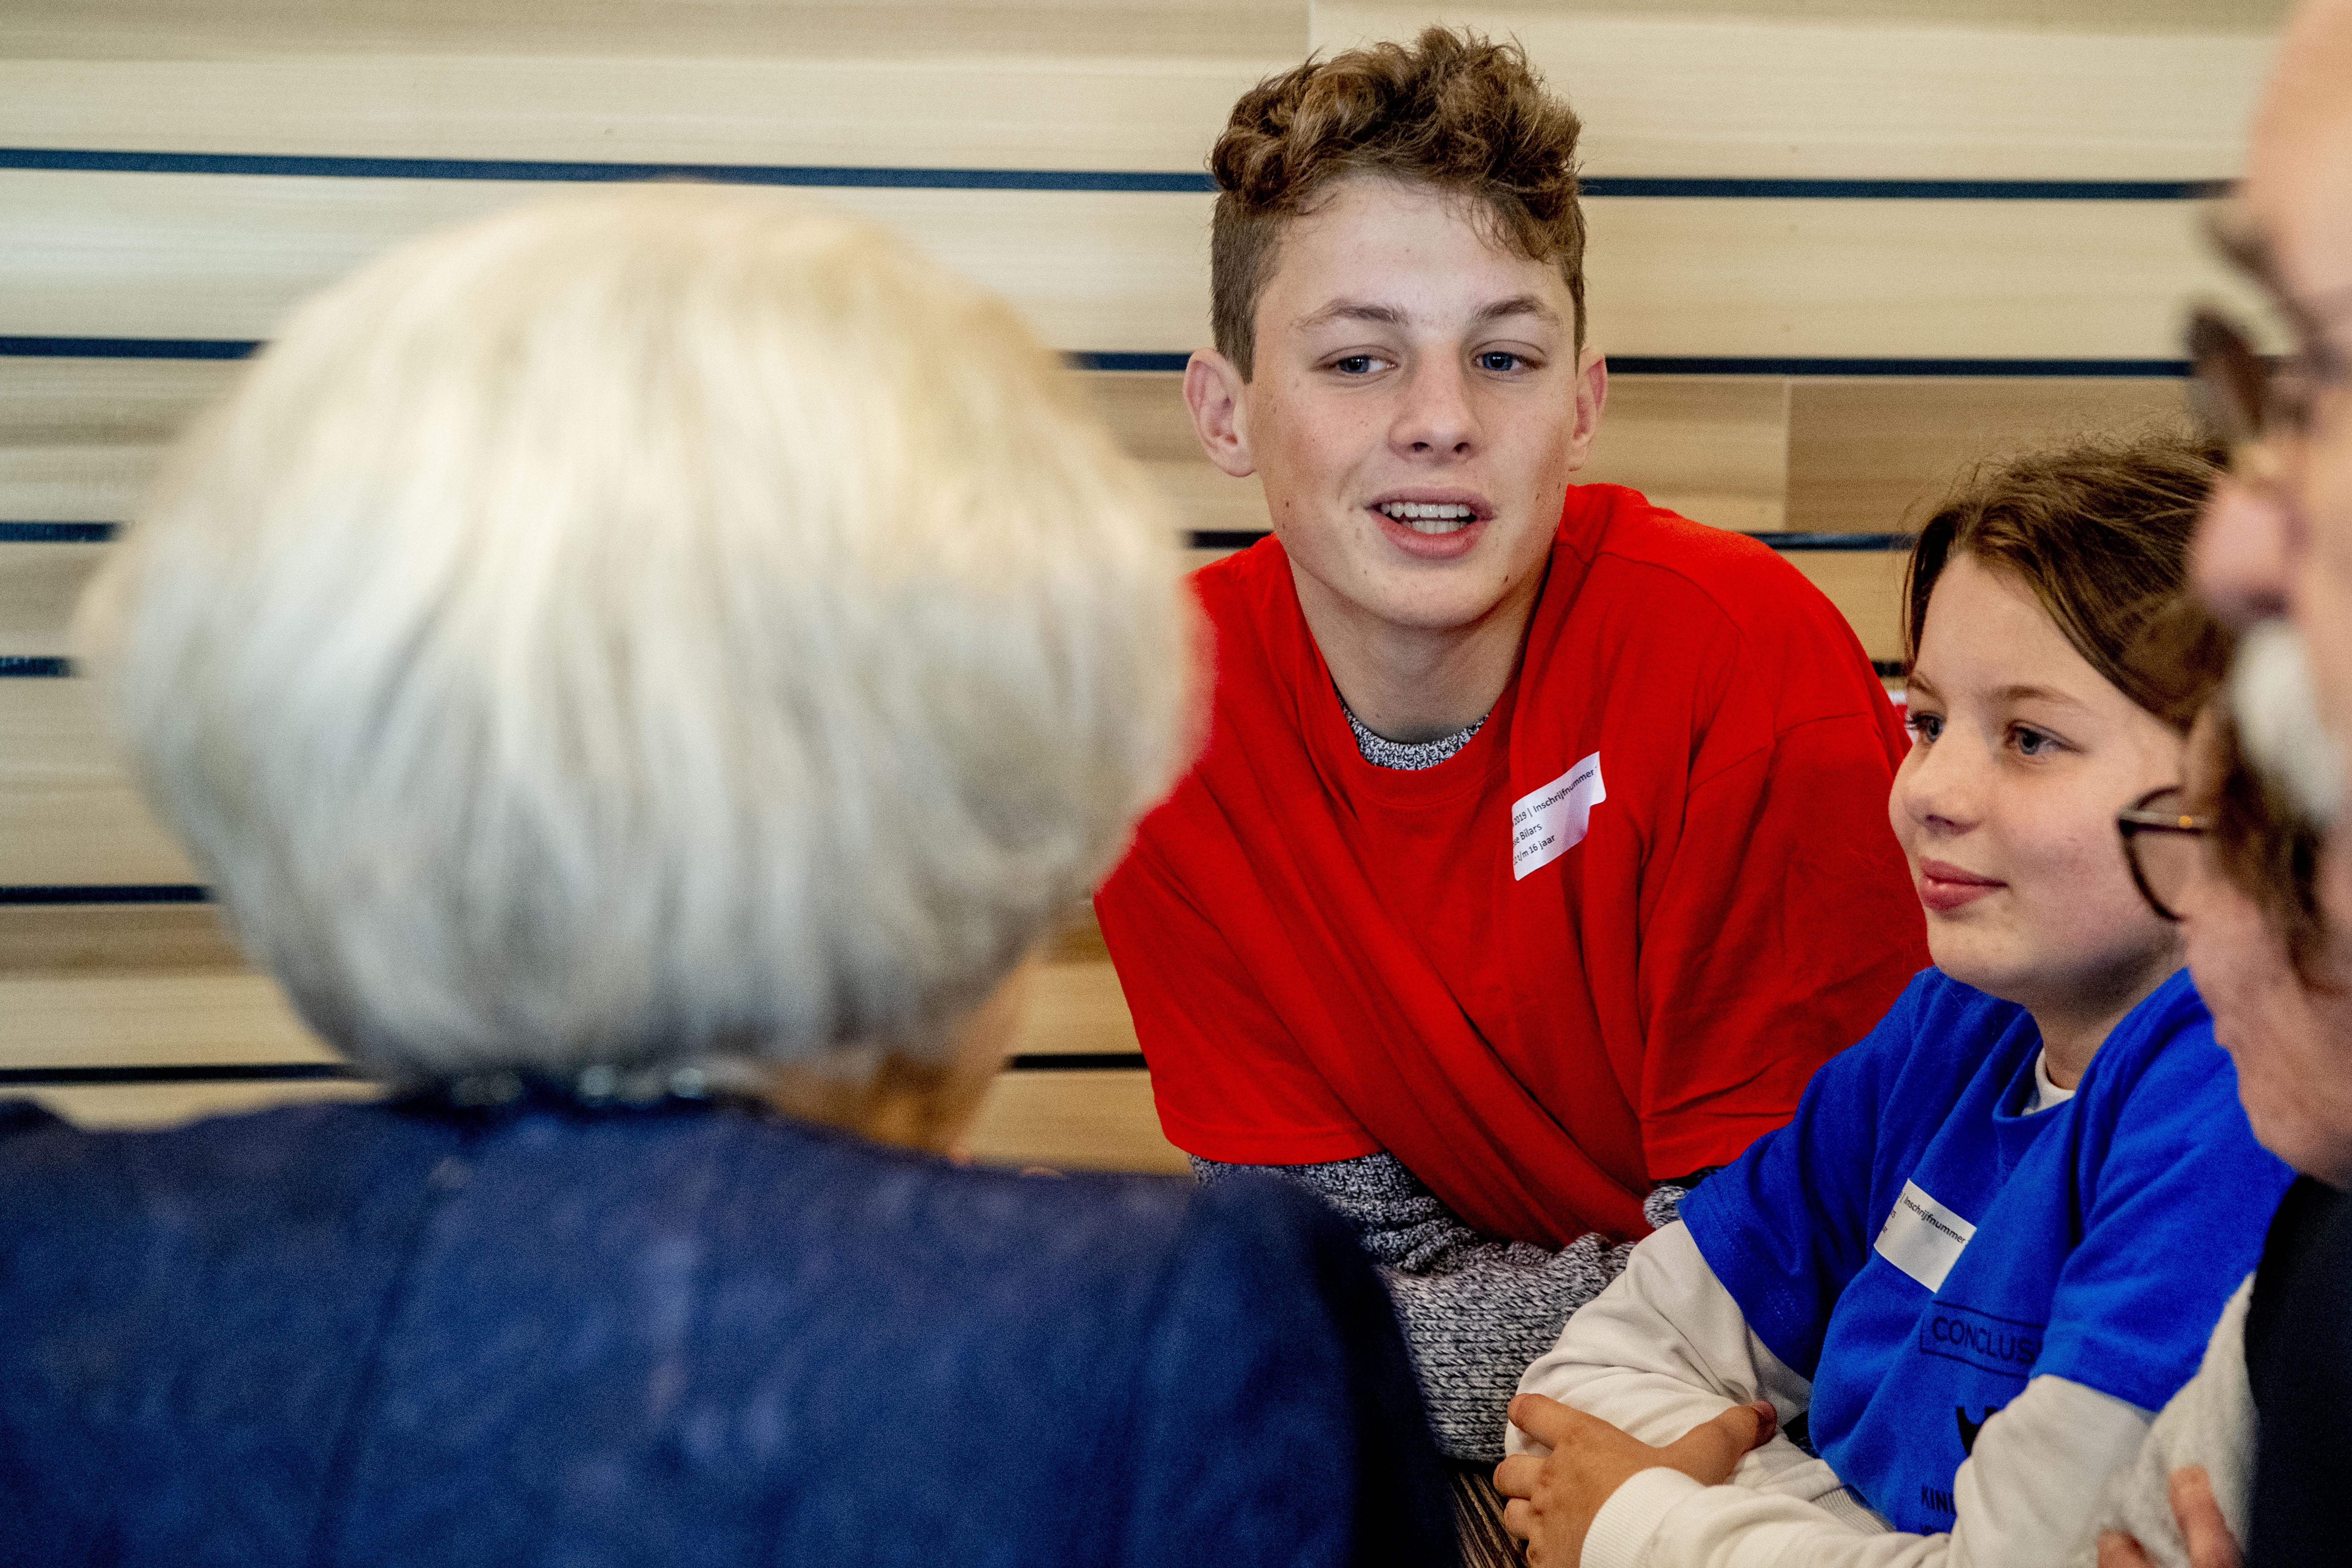 'Oma der Nederlanden' raakt deelnemers van landelijke pleeggrootouderdag in Alkmaar met bliksembezoek